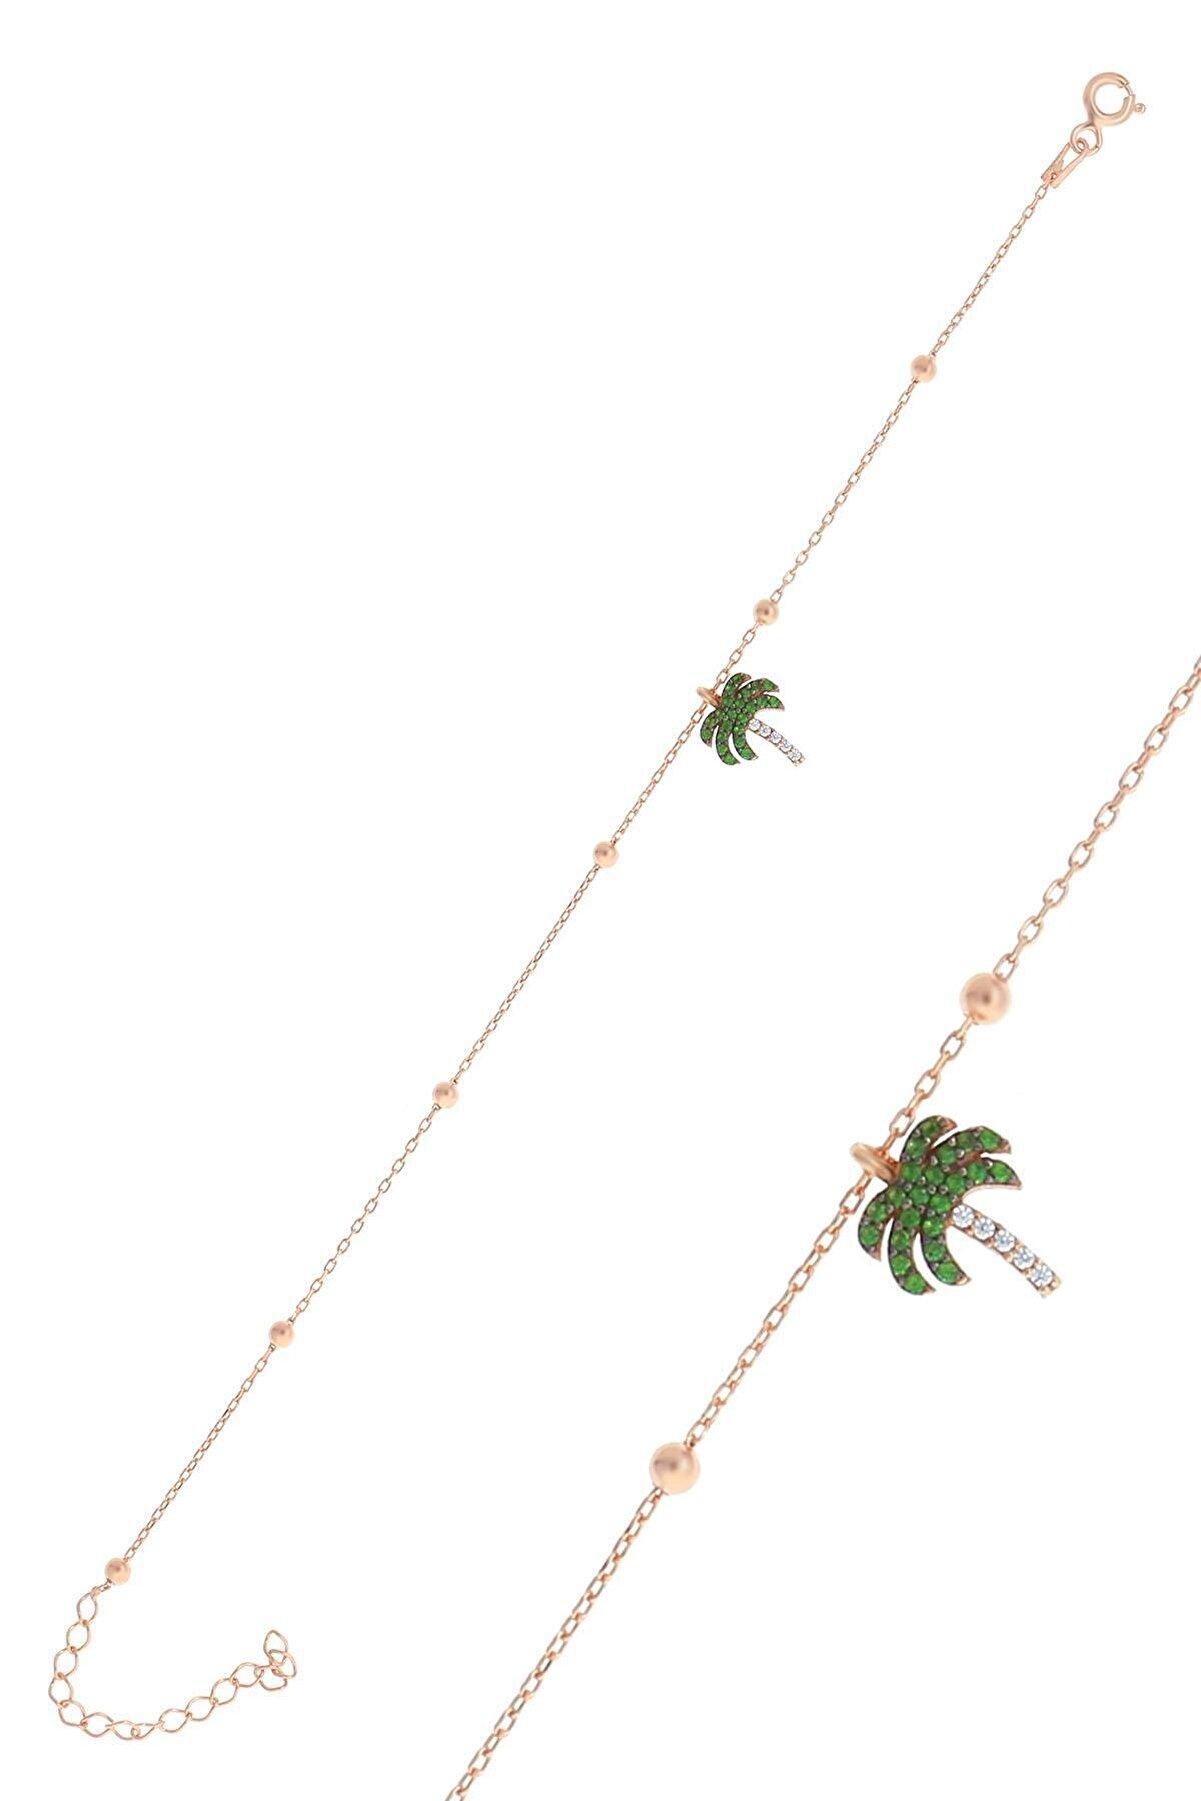 Söğütlü Silver Gümüş Rose Top Top Zincirli Palmiye Bileklik